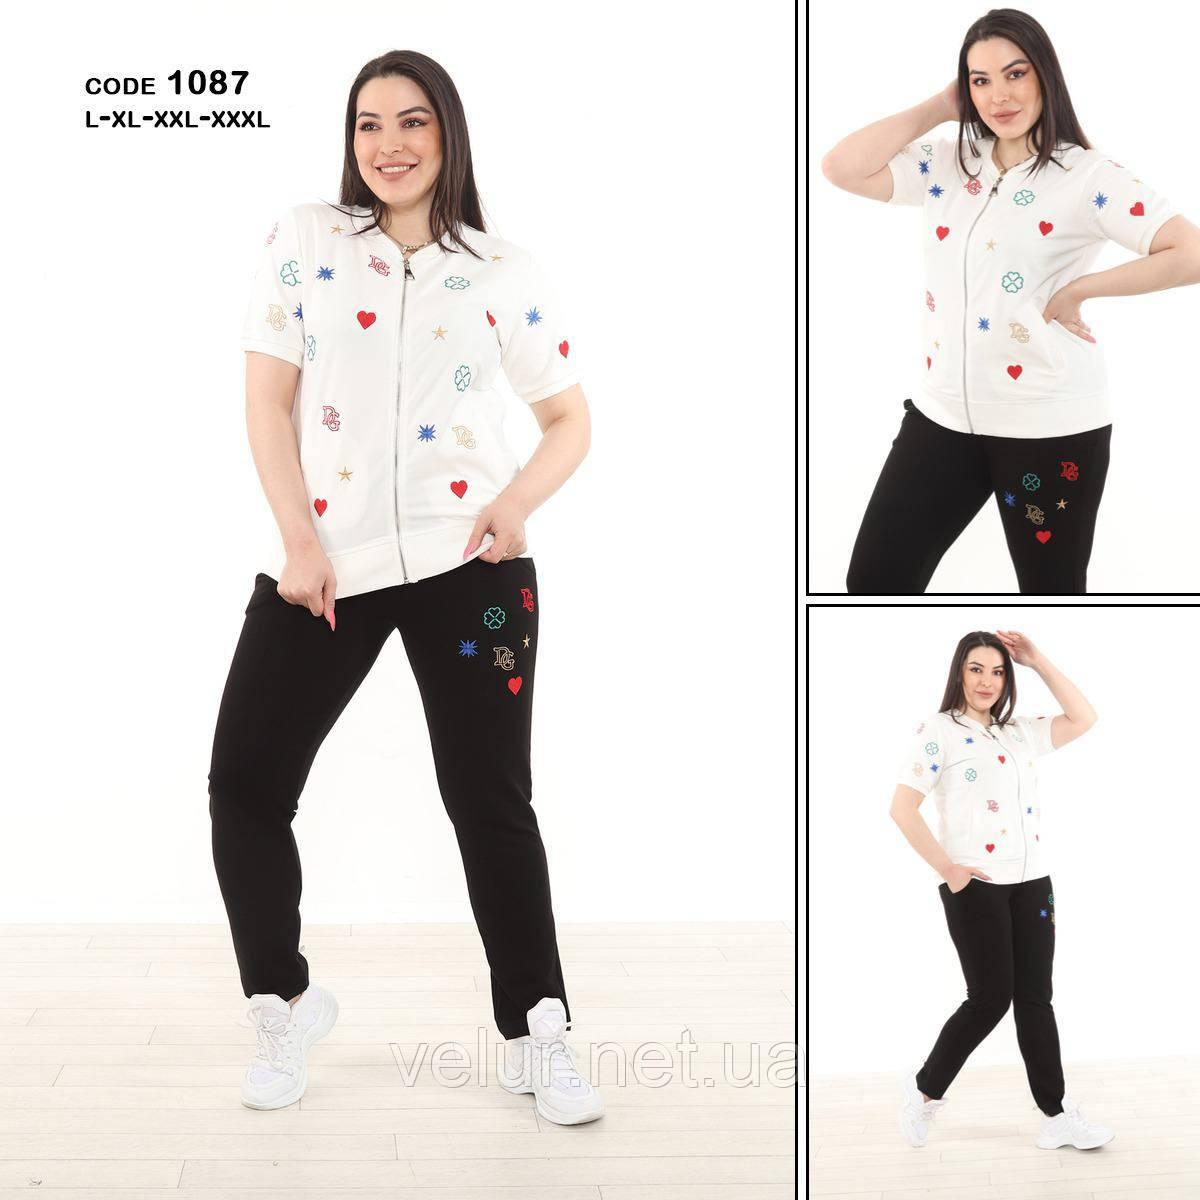 Жіночий брендовий спортивний трикотажний костюм, (Туреччина ); Розміри: 50,52,54,56 ;3 кольори